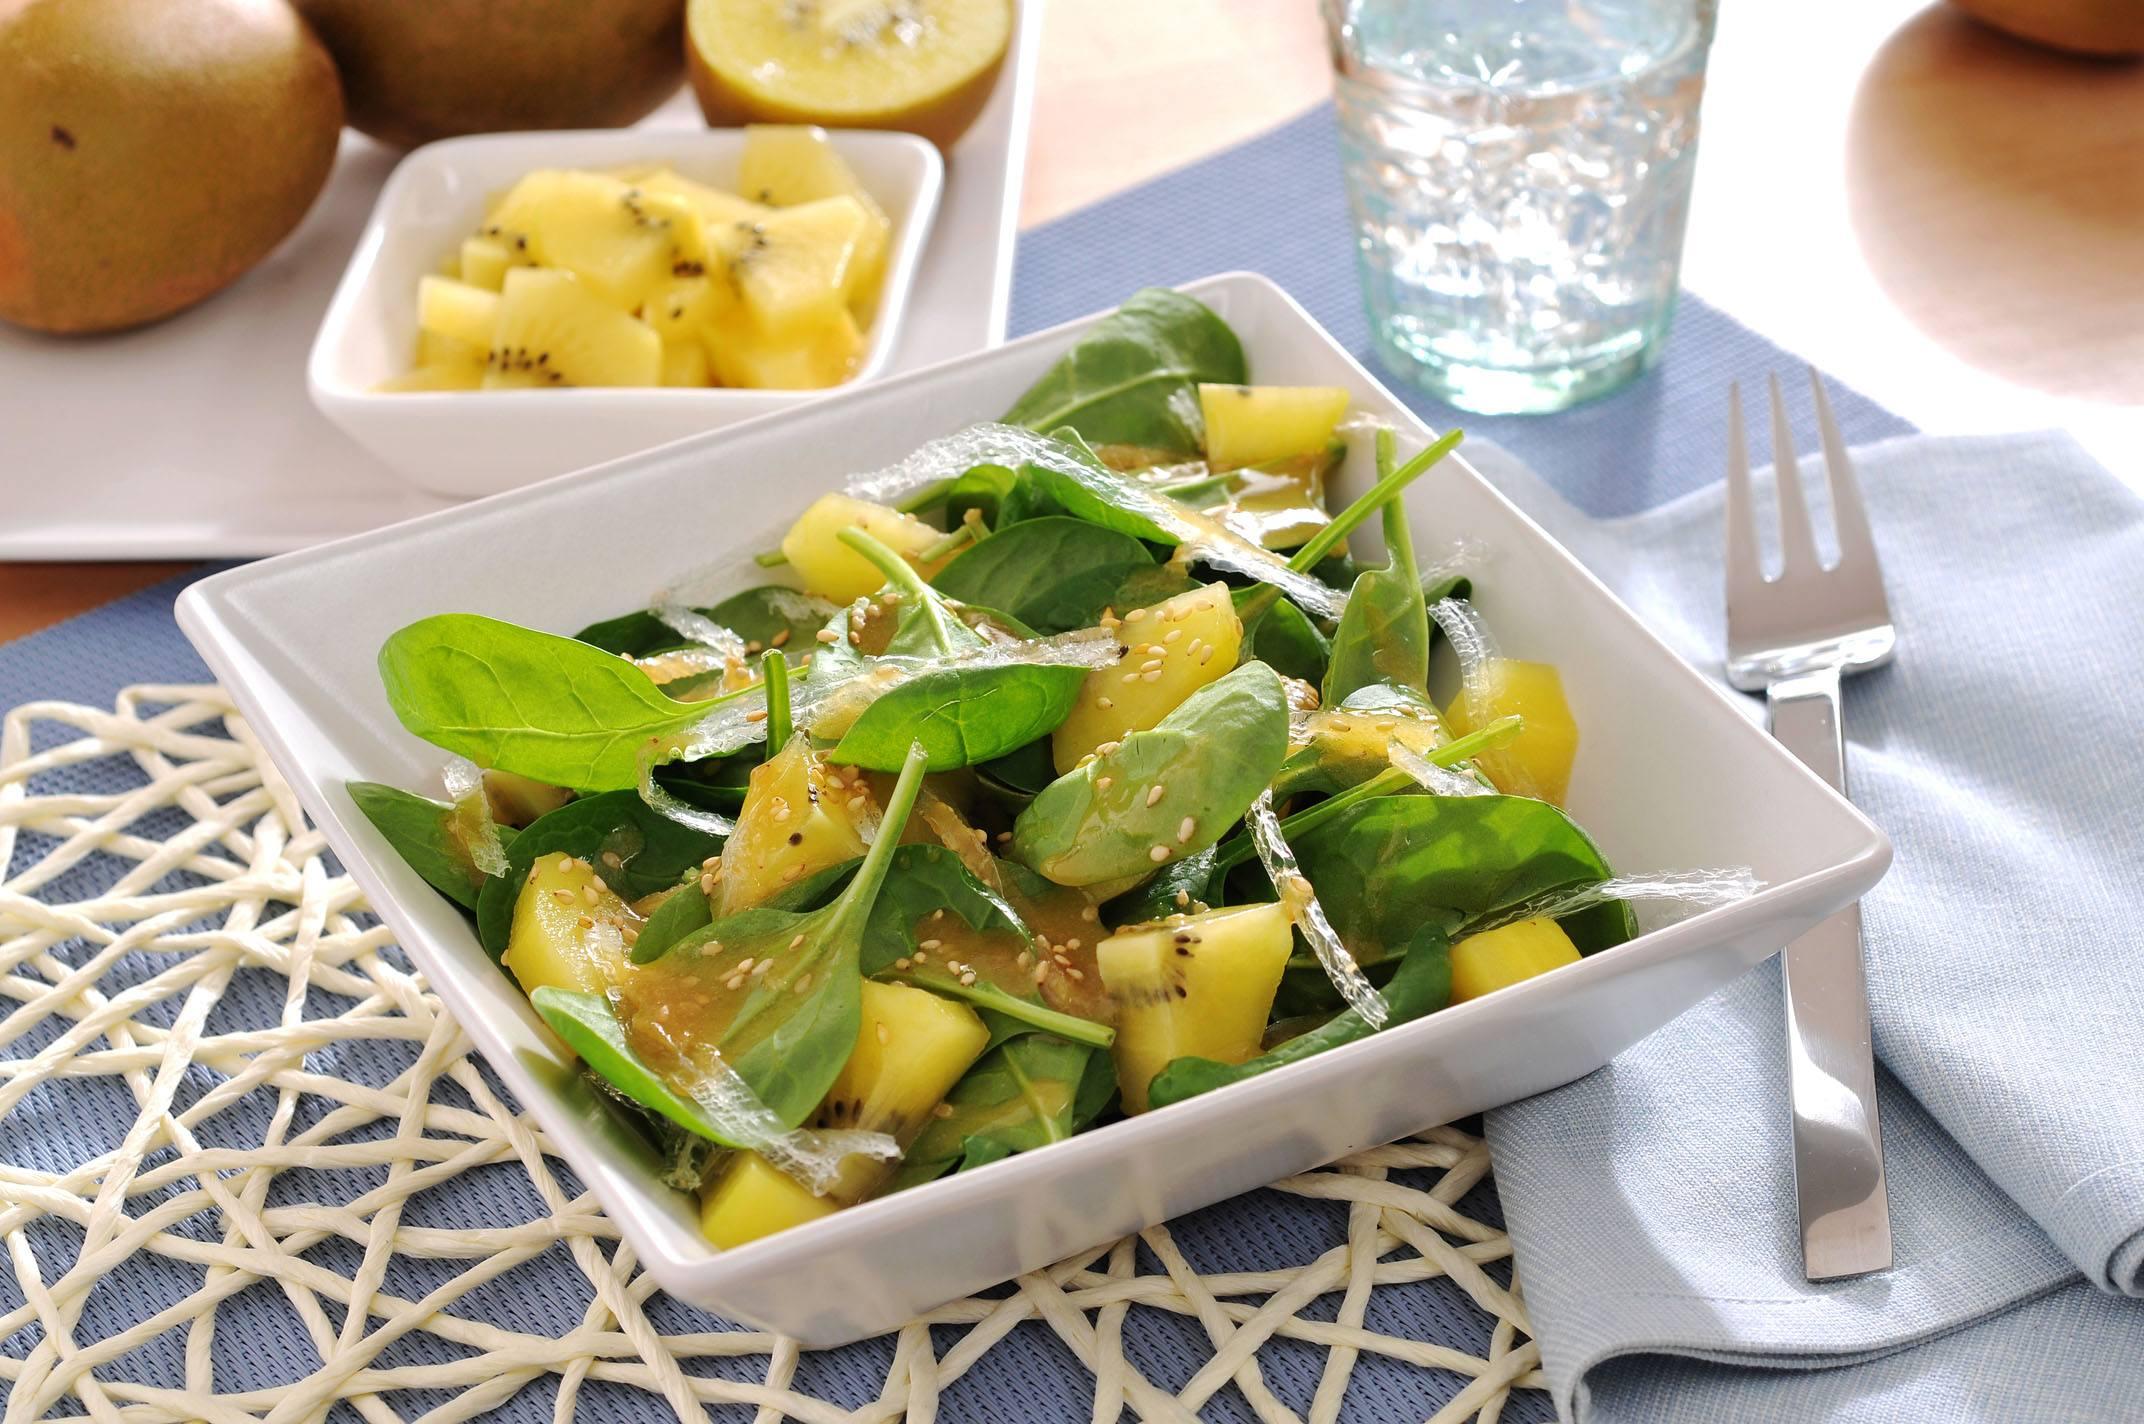 Ensalada De Espinacas Agar Agar Y Kiwi